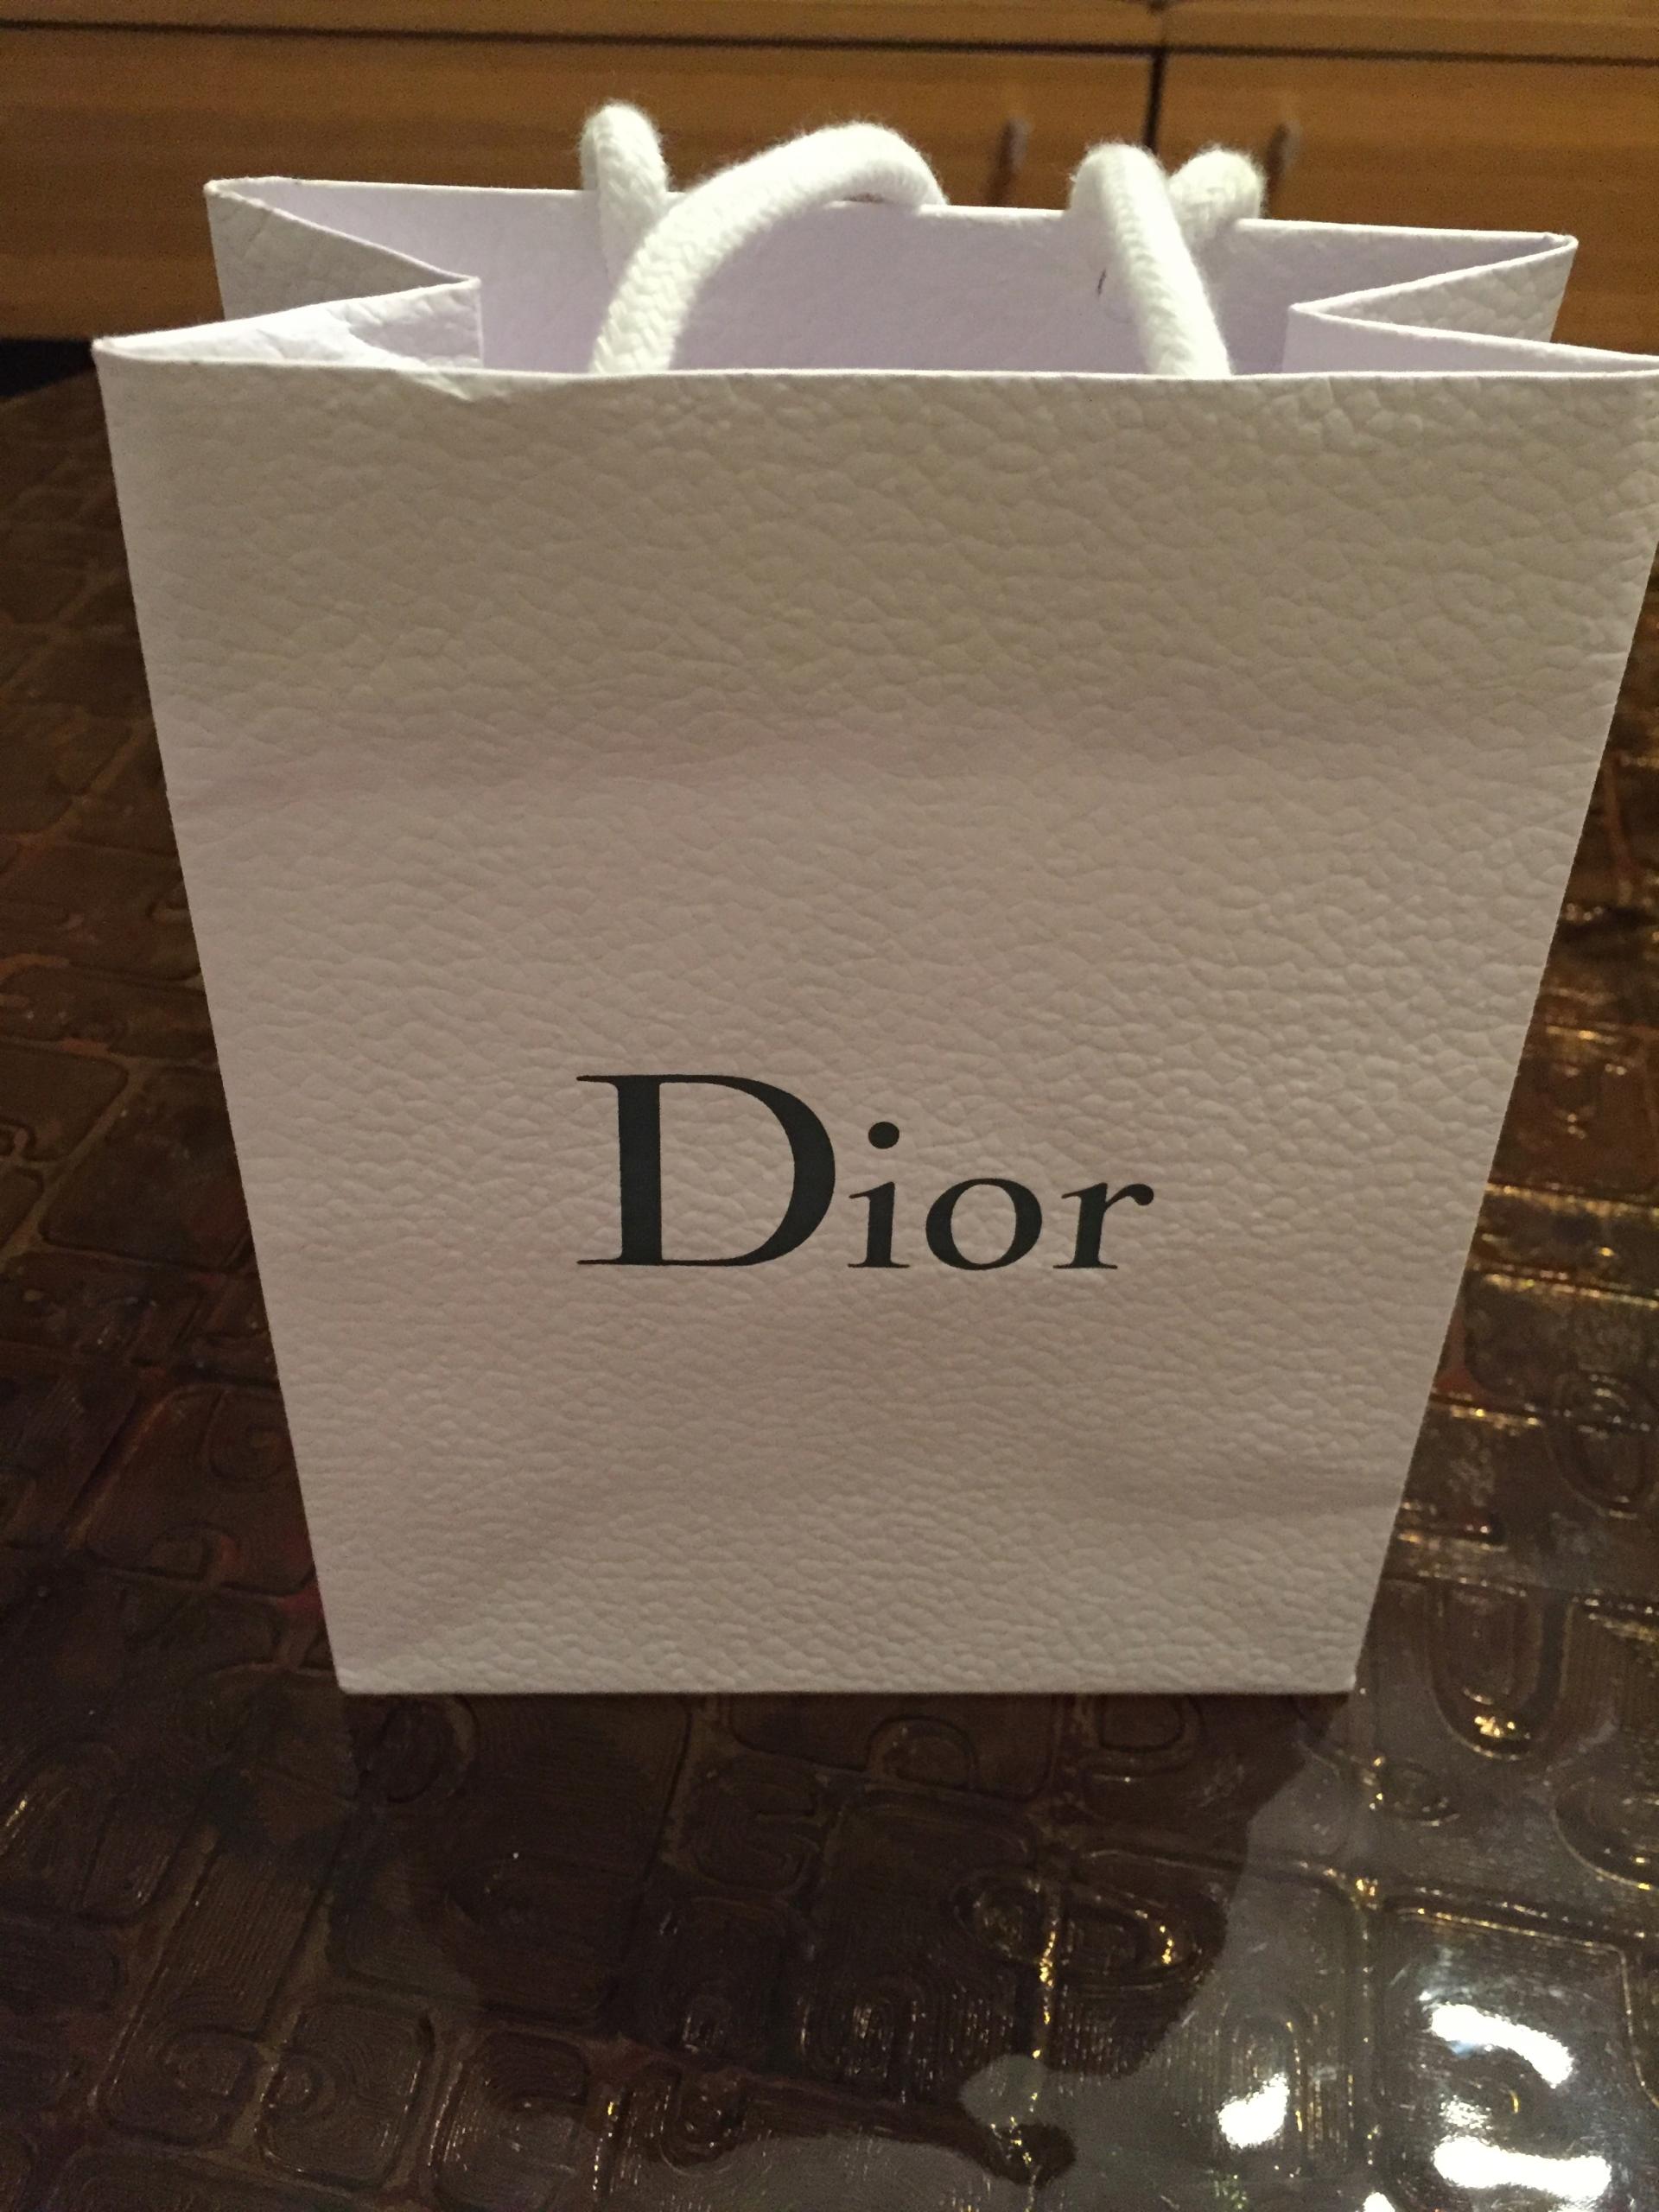 76d1223893013 Dior oryginalna torebka prezentowa mała - 7594919652 - oficjalne ...